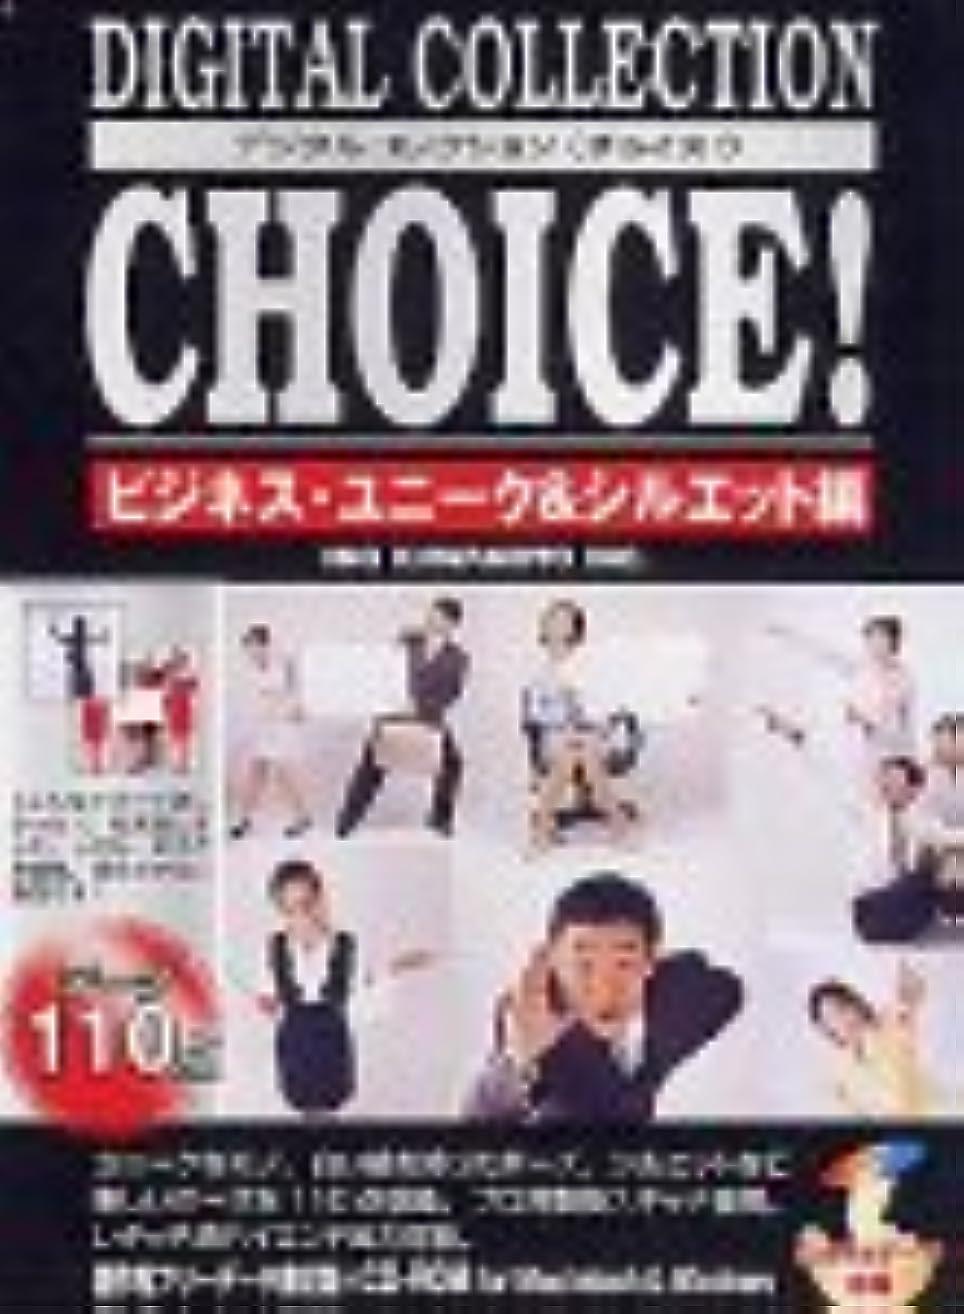 運賃純粋な視線Digital Collection Choice! No.21 ビジネス?ユニーク&シルエット編